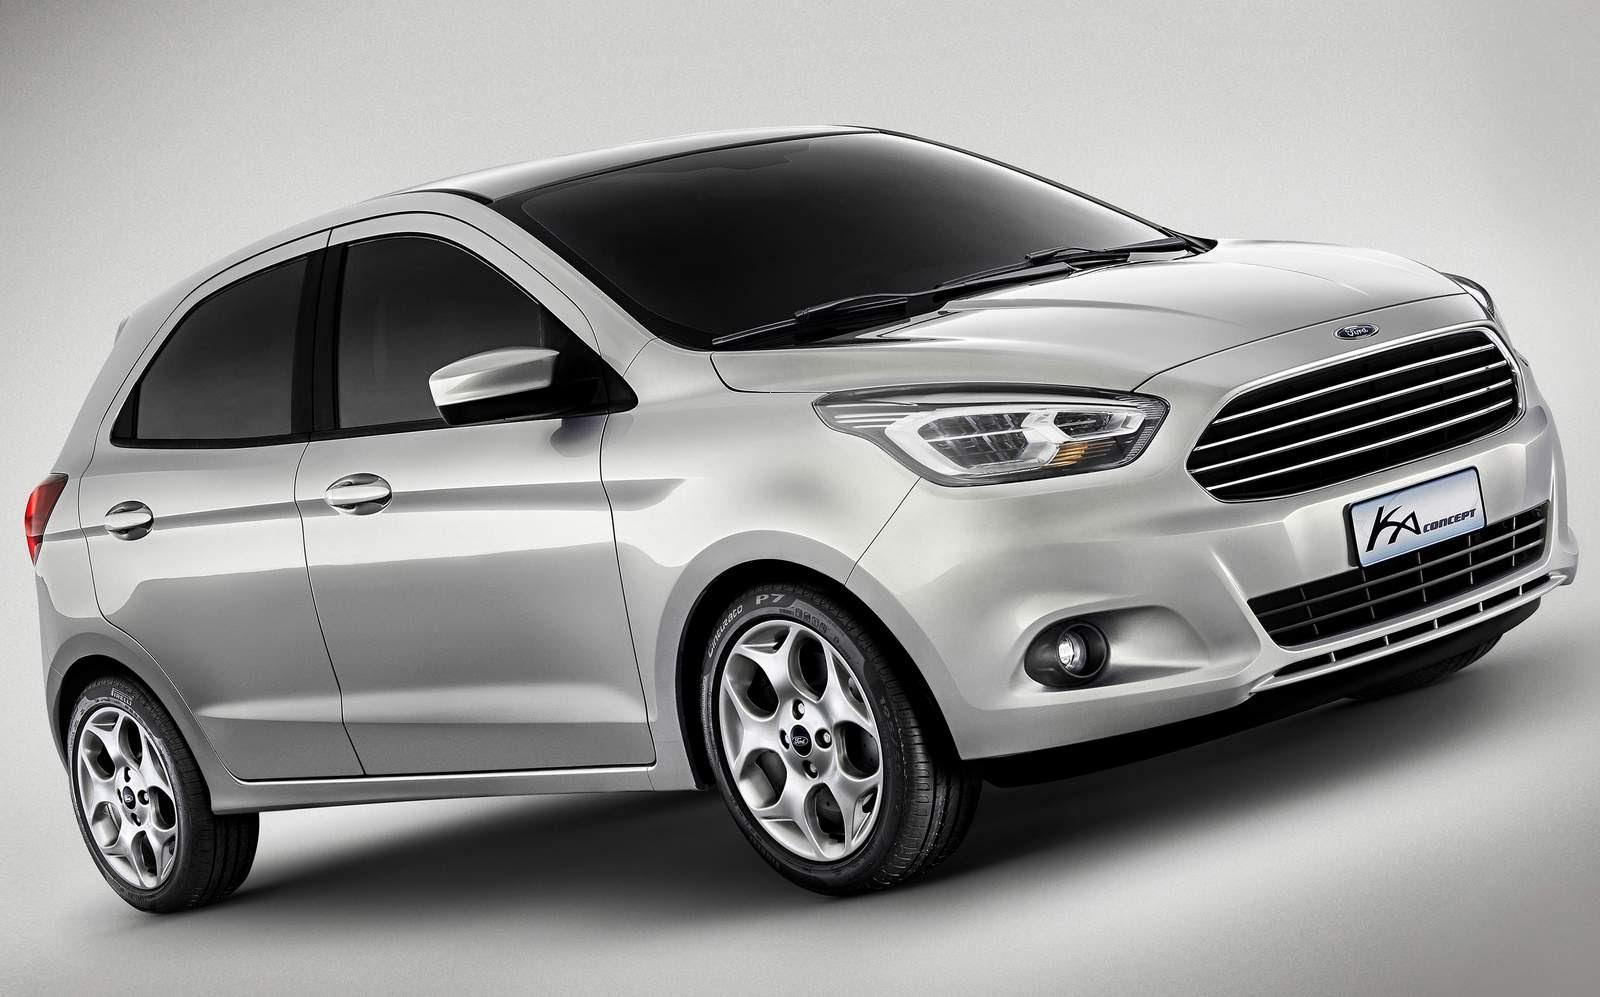 AceleraçãoMaxima: Novo Ford Ka 2014: fotos oficiais e informações